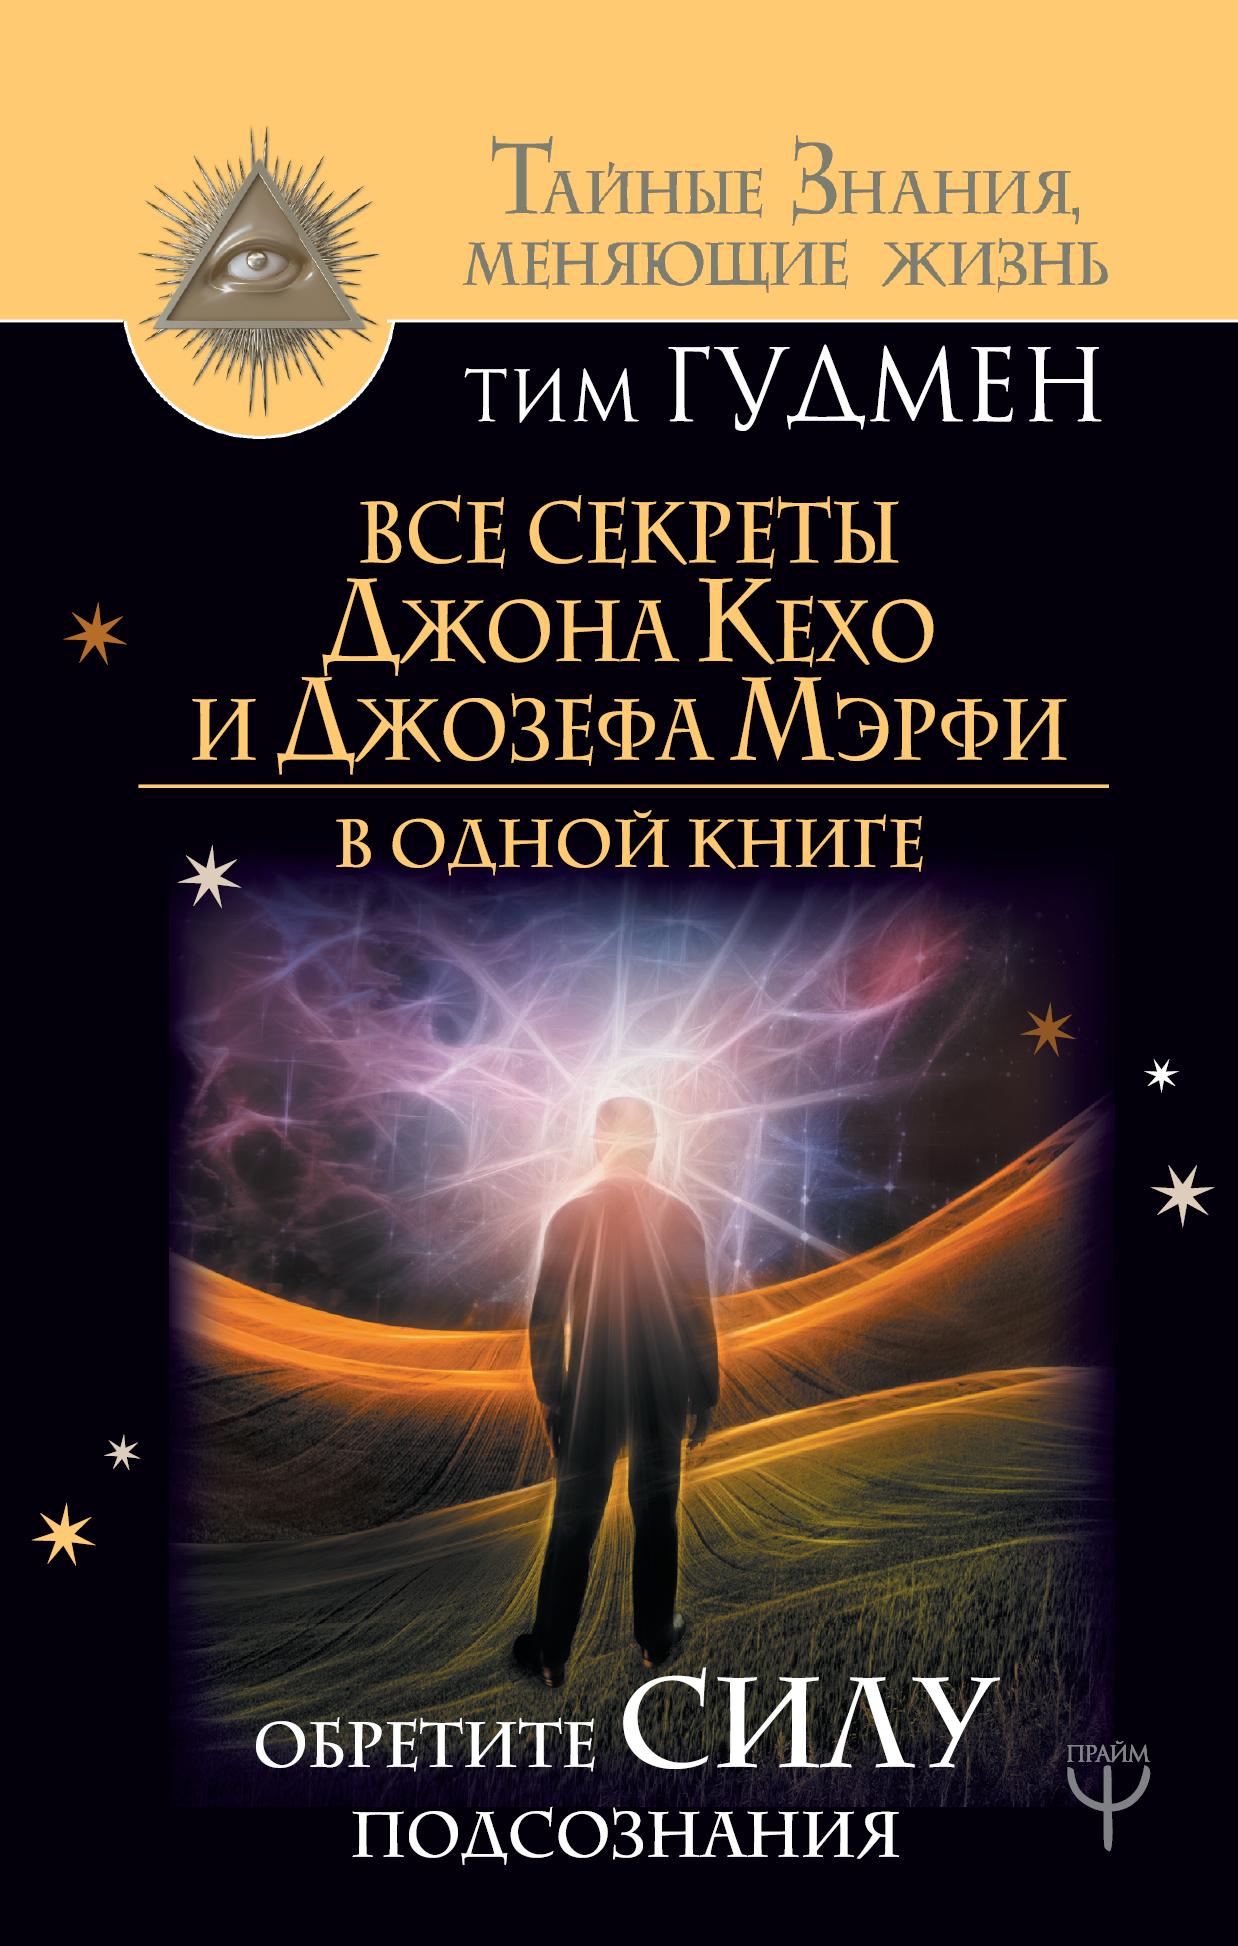 Тим Гудмен Все секреты Джона Кехо и Джозефа Мэрфи в одной книге. Обретите силу подсознания сергей ратнер секреты биоэнергетики указатель к богатству и успеху в жизни